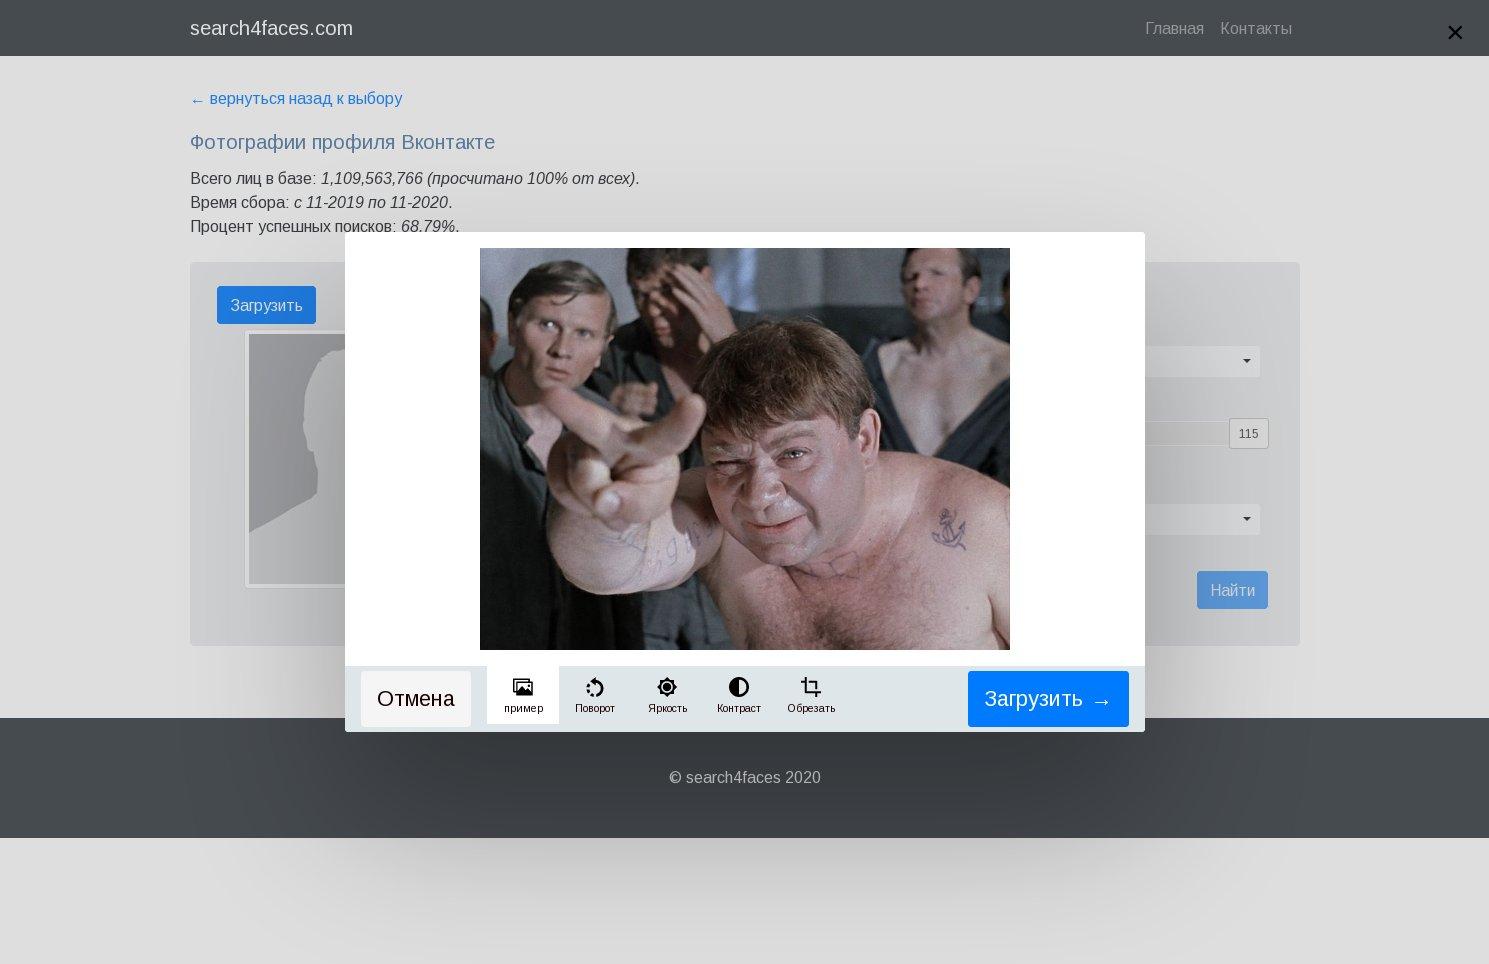 Search4faces.com - загрузка фотографии